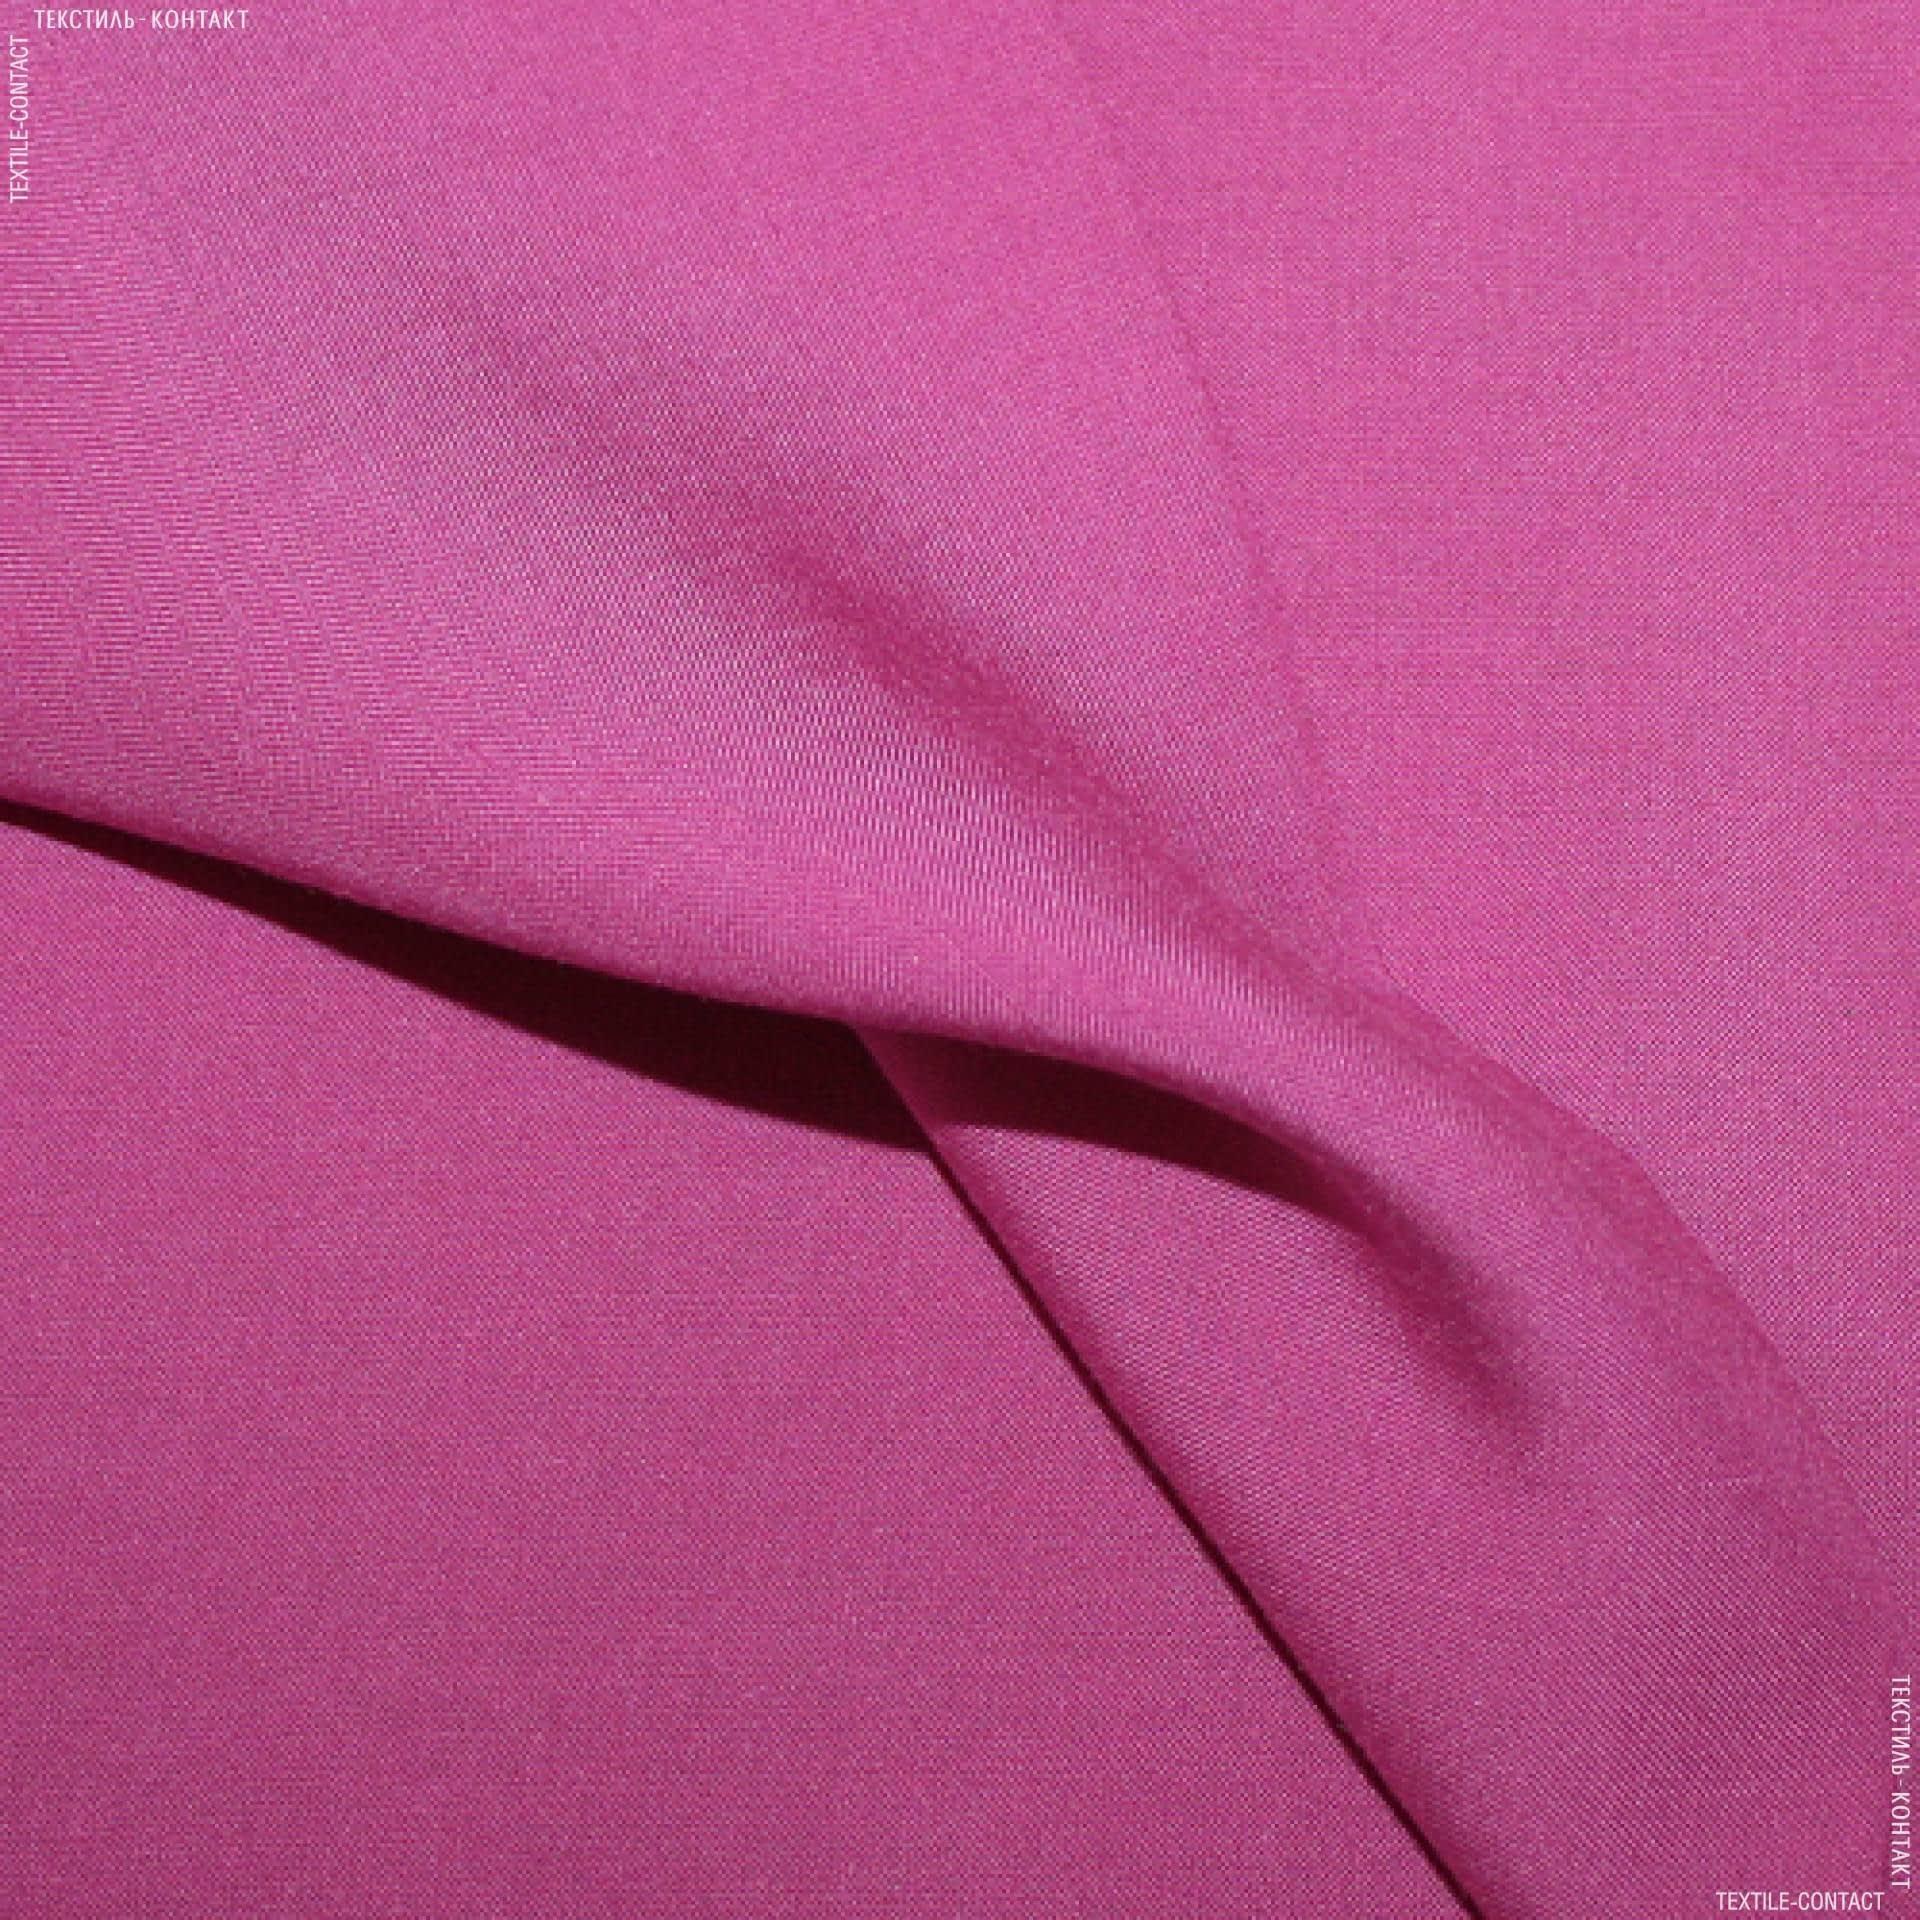 Тканини для дитячого одягу - Батист віскозний бузково-рожевий